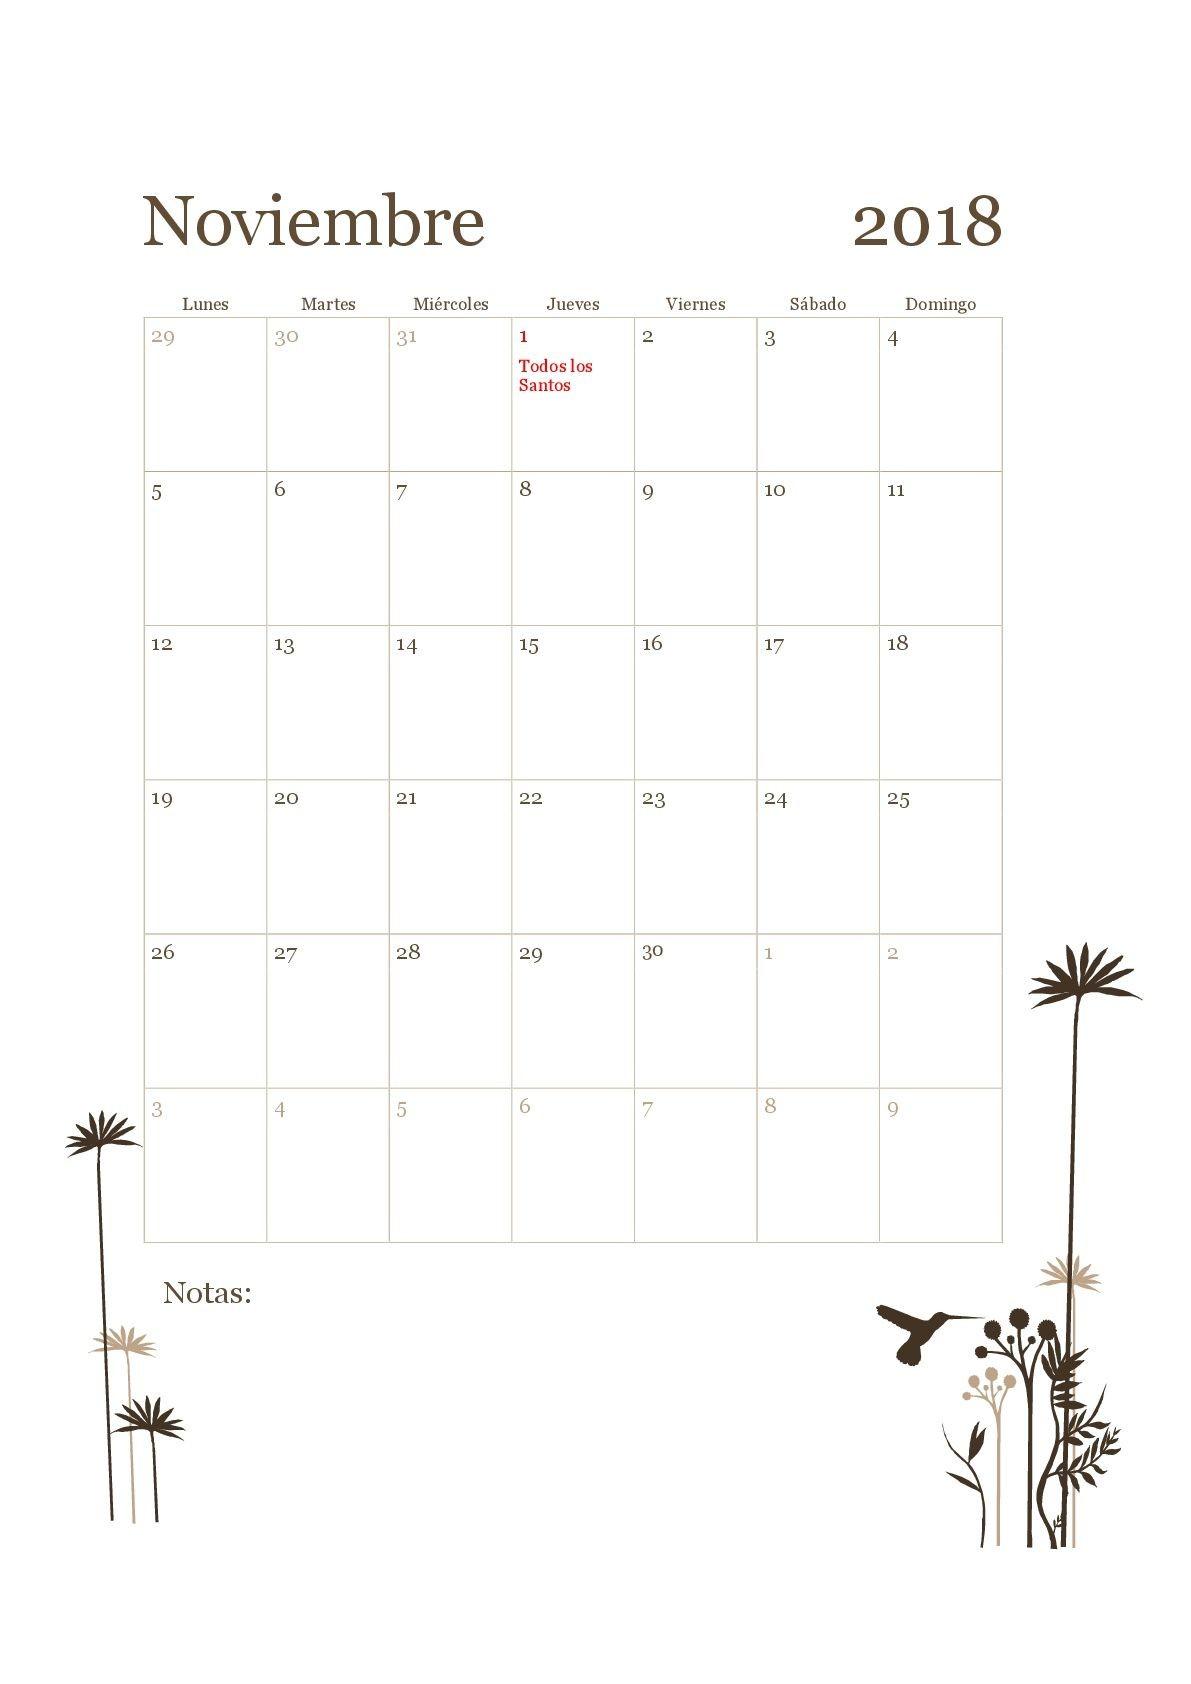 Calendario Abril 2019 Para Imprimir Minimalista Más Recientes Mejores 13 Imágenes De Calendario Laboral Registro Empleados En Of Calendario Abril 2019 Para Imprimir Minimalista Mejores Y Más Novedosos Imprimir Calendario Latest Agosto Calendario Para Imprimir top